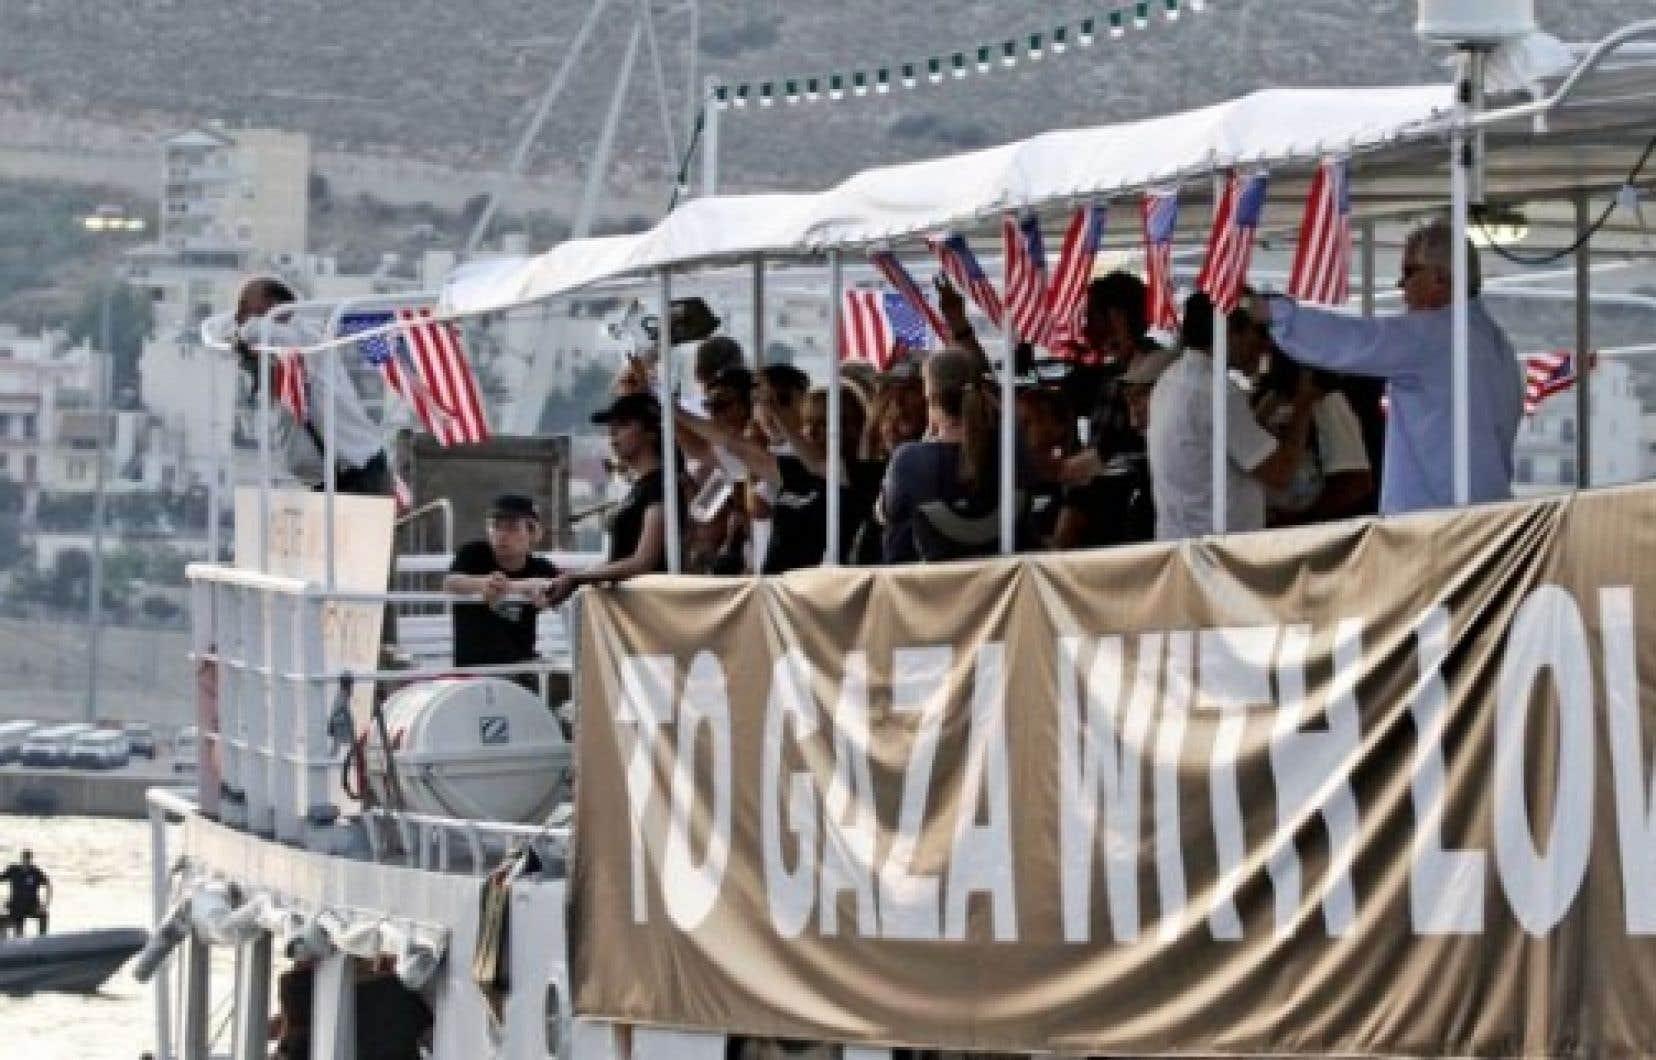 Des organisateurs de la Flottille ont déclaré que l'un des bateaux baptisé «Audace de l'espoir», qui transporte plusieurs dizaines d'Américains, a quitté le port de Perama, près d'Athènes, aujourd'hui en après-midi, mais qu'il a été intercepté par les garde-côtes grecs à un peu plus de trois kilomètres en mer.